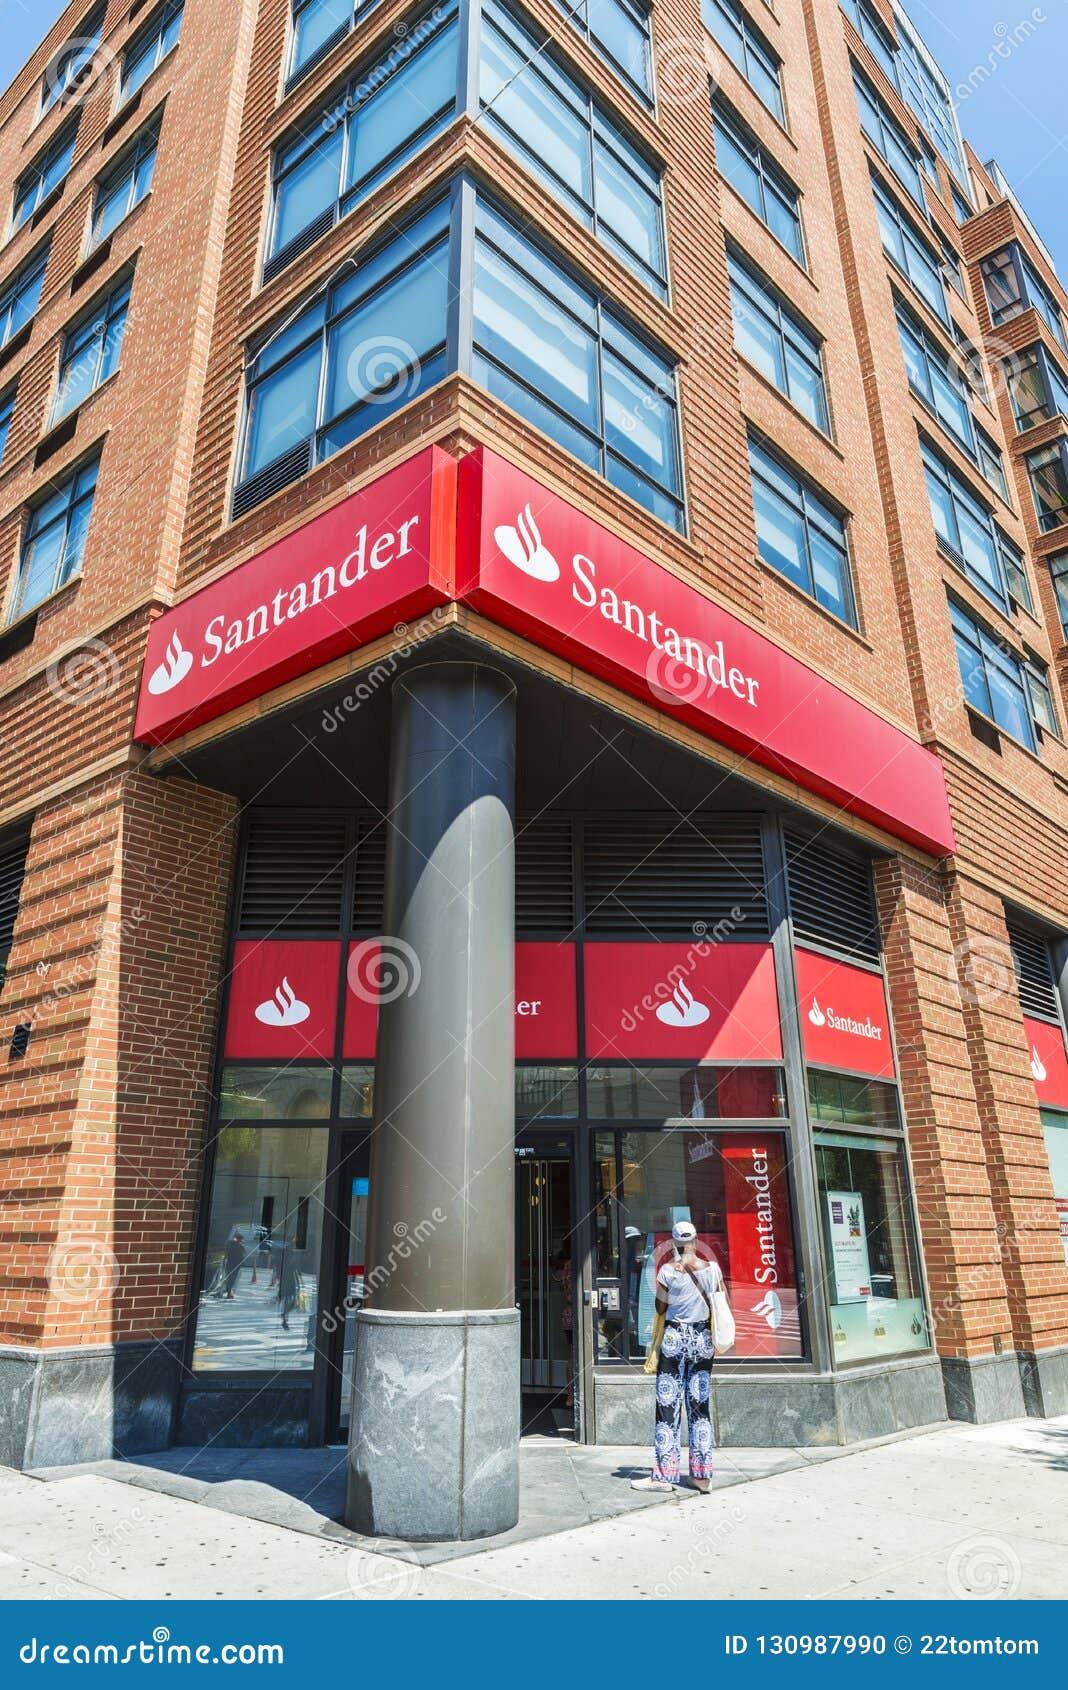 santander bank york pa